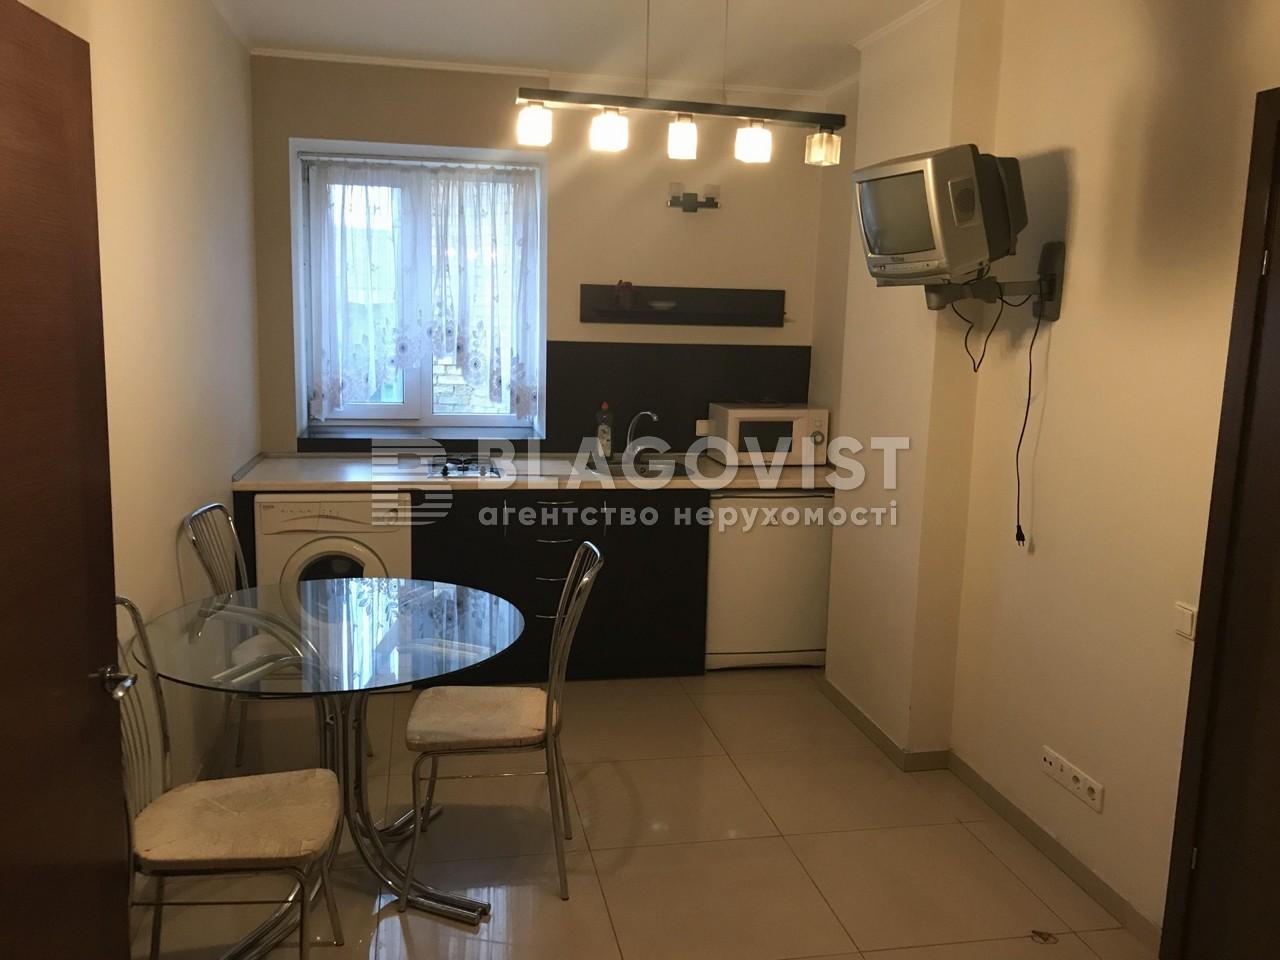 Квартира D-35498, Гончара Олеся, 45а, Киев - Фото 4